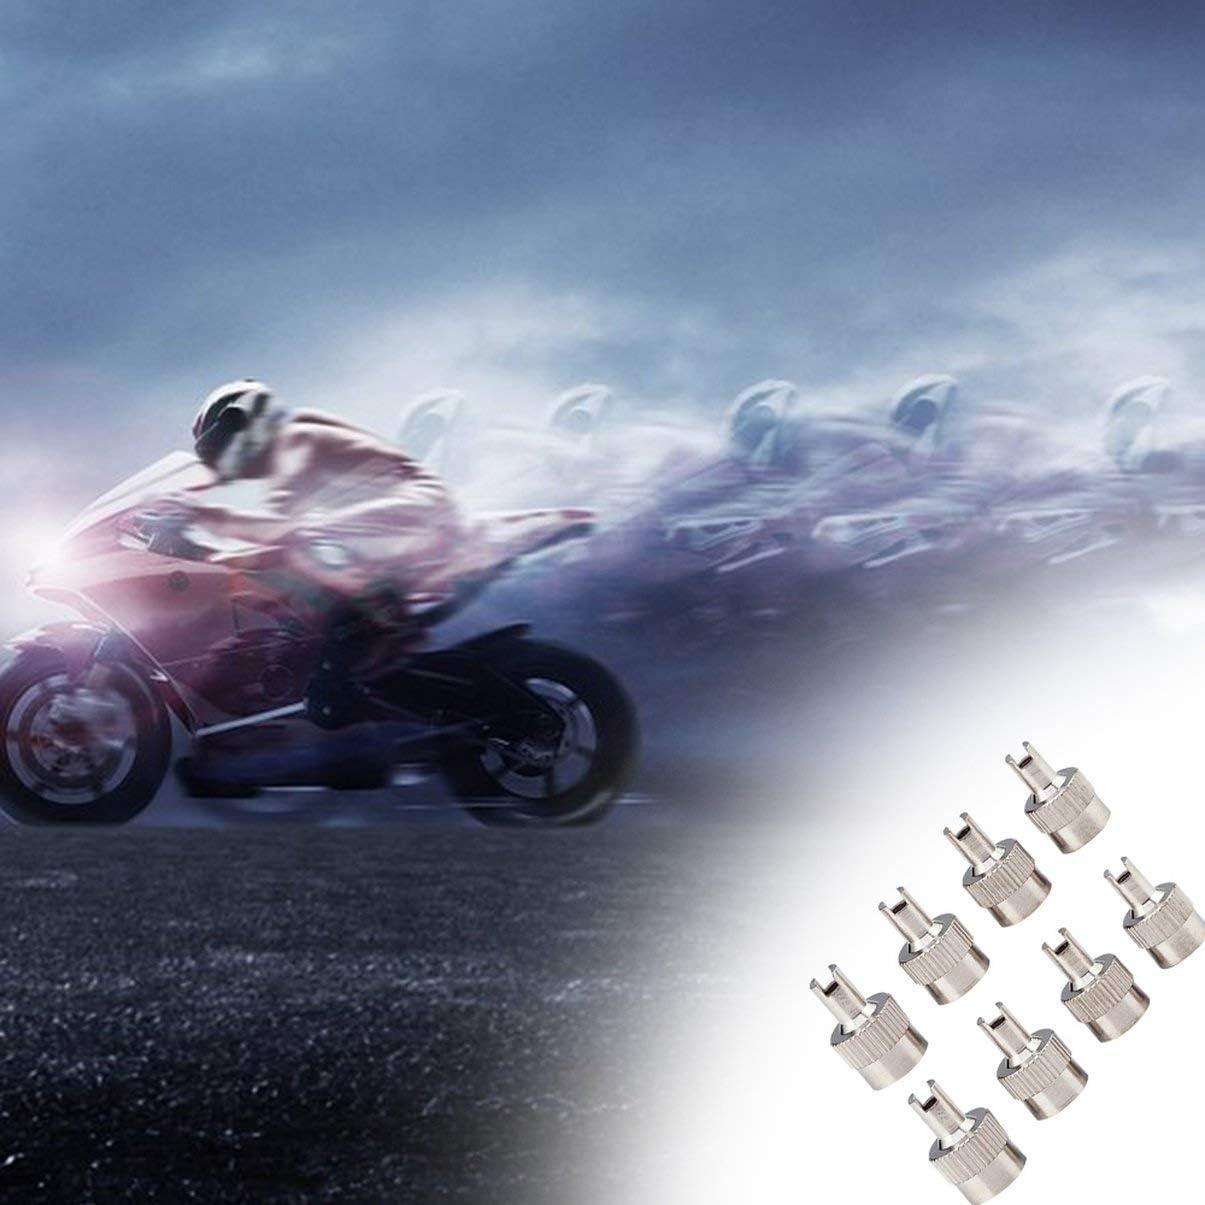 8pcs Set Tapas de v/ástago de v/álvula de cabeza ranurada de metal cromado con herramienta de extracci/ón de n/úcleo para motocicleta//herramienta de reparaci/ón de autom/óviles